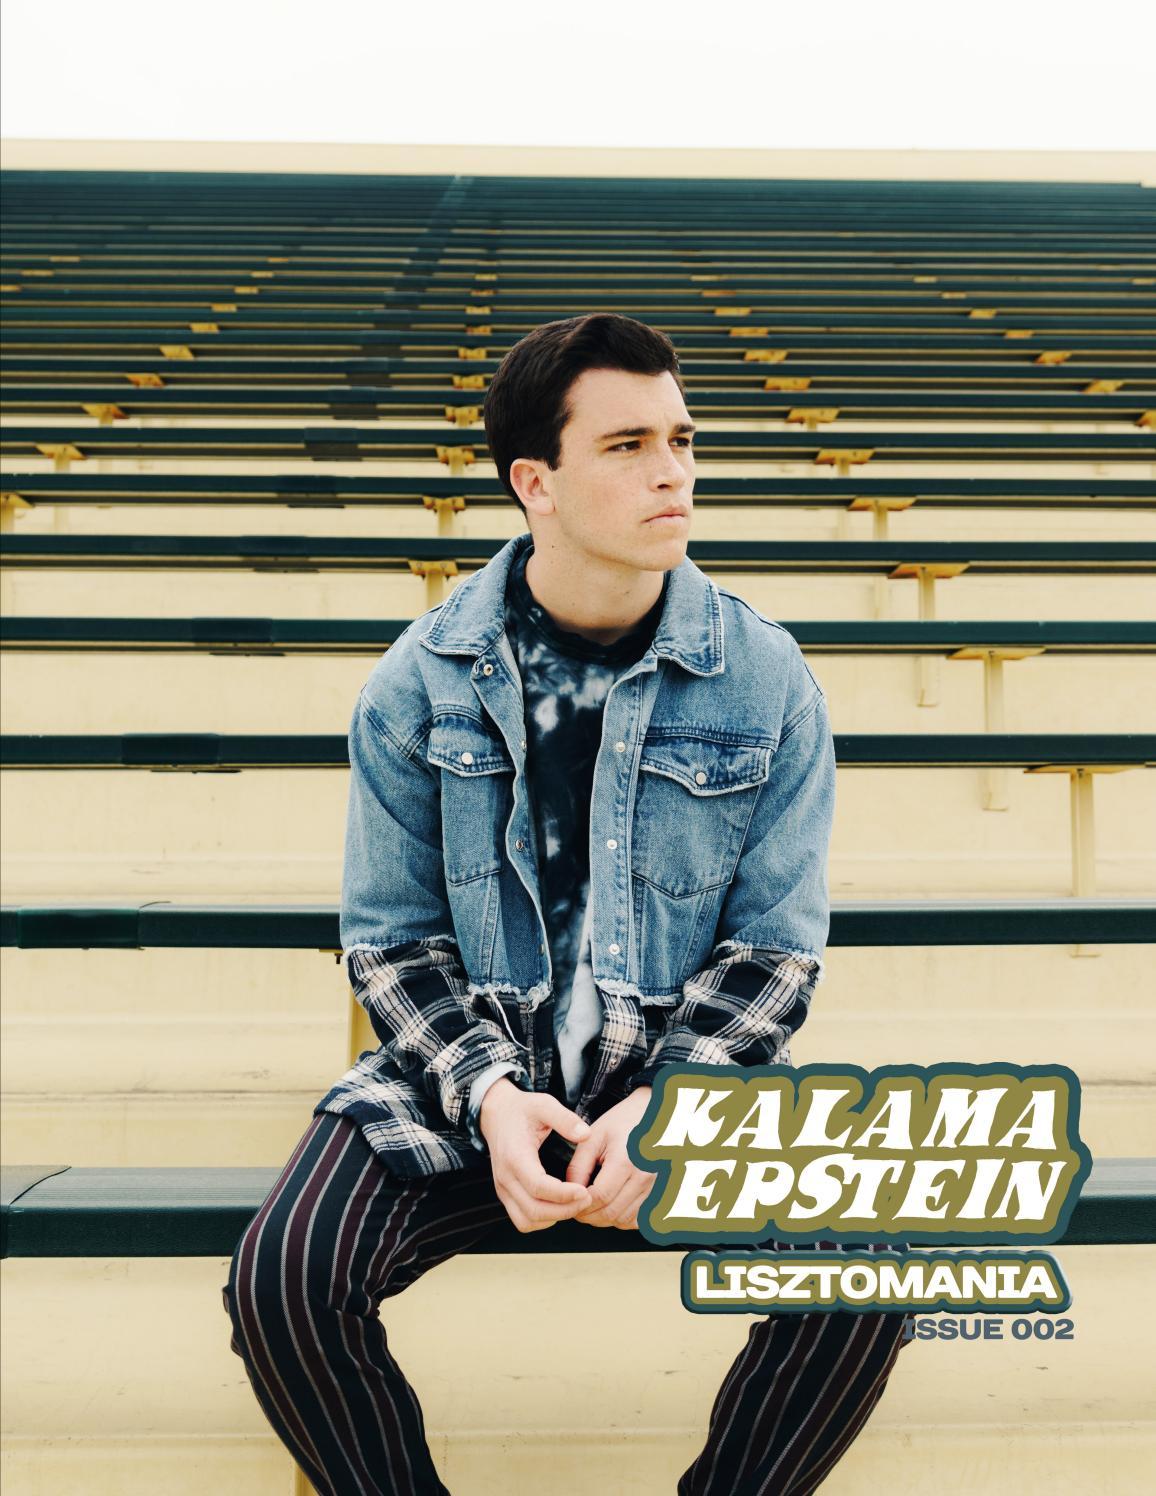 Lisztomania Magazine 002 Kalama Epstein By Lisztomania Magazine